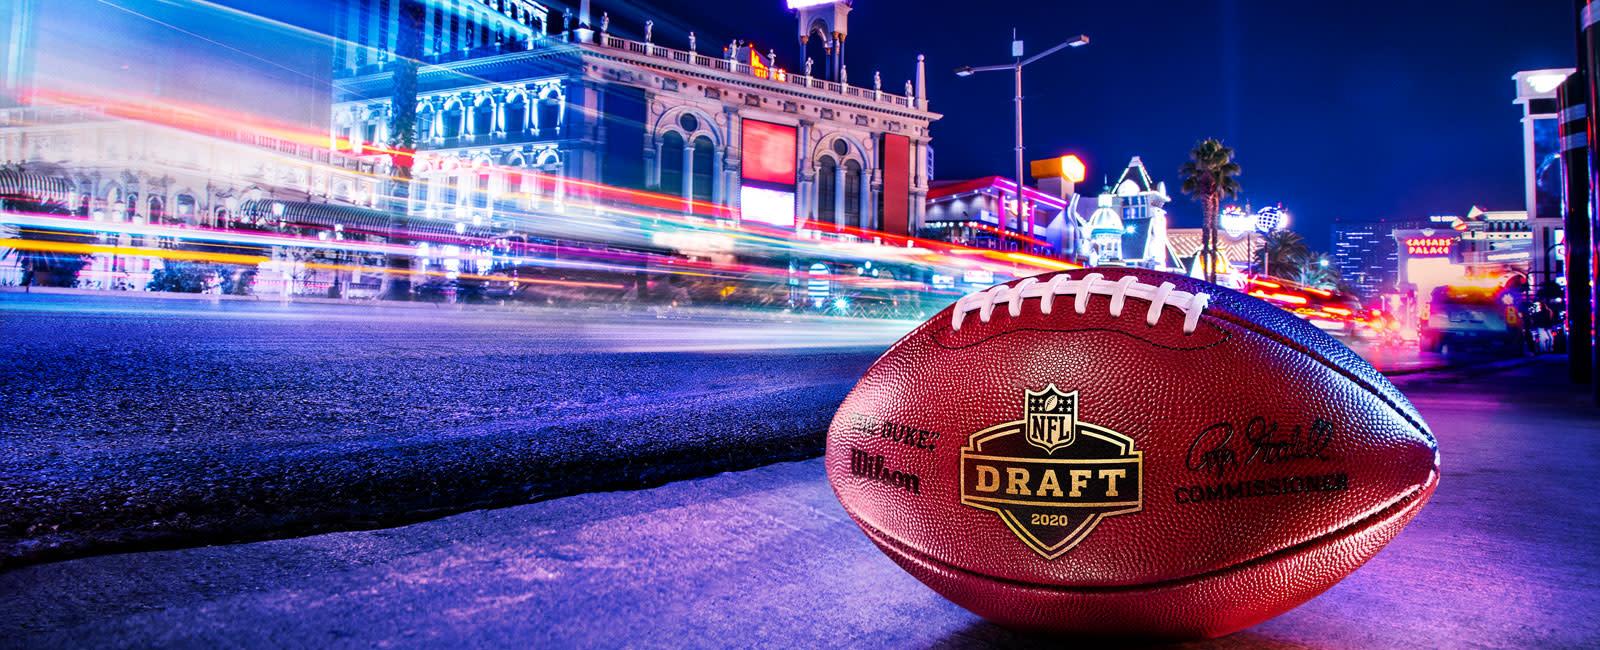 NFL Draft in Las Vegas